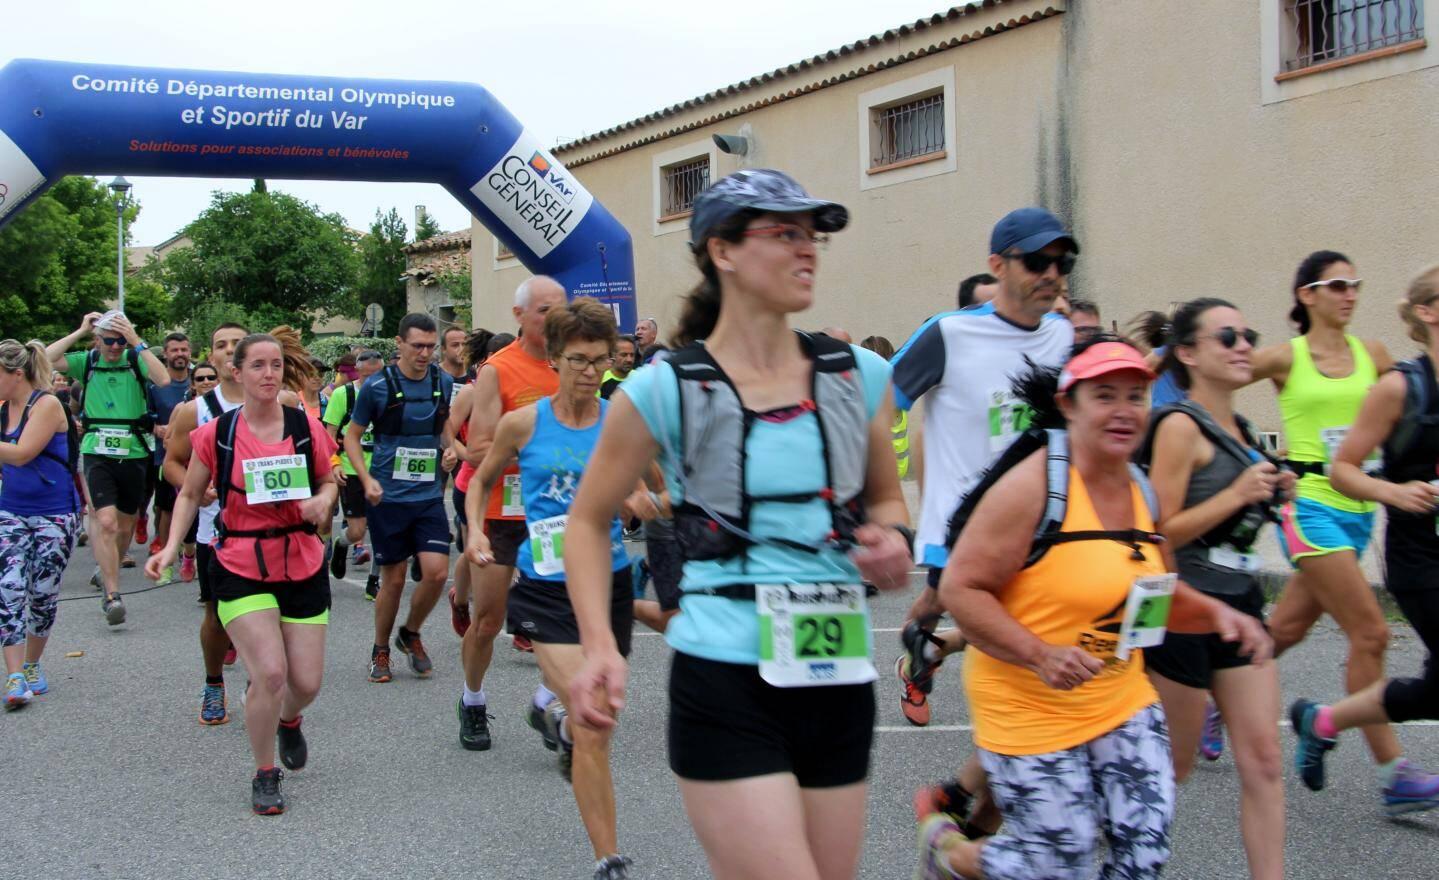 Toujours beaucoup de monde au départ de la course à pied.